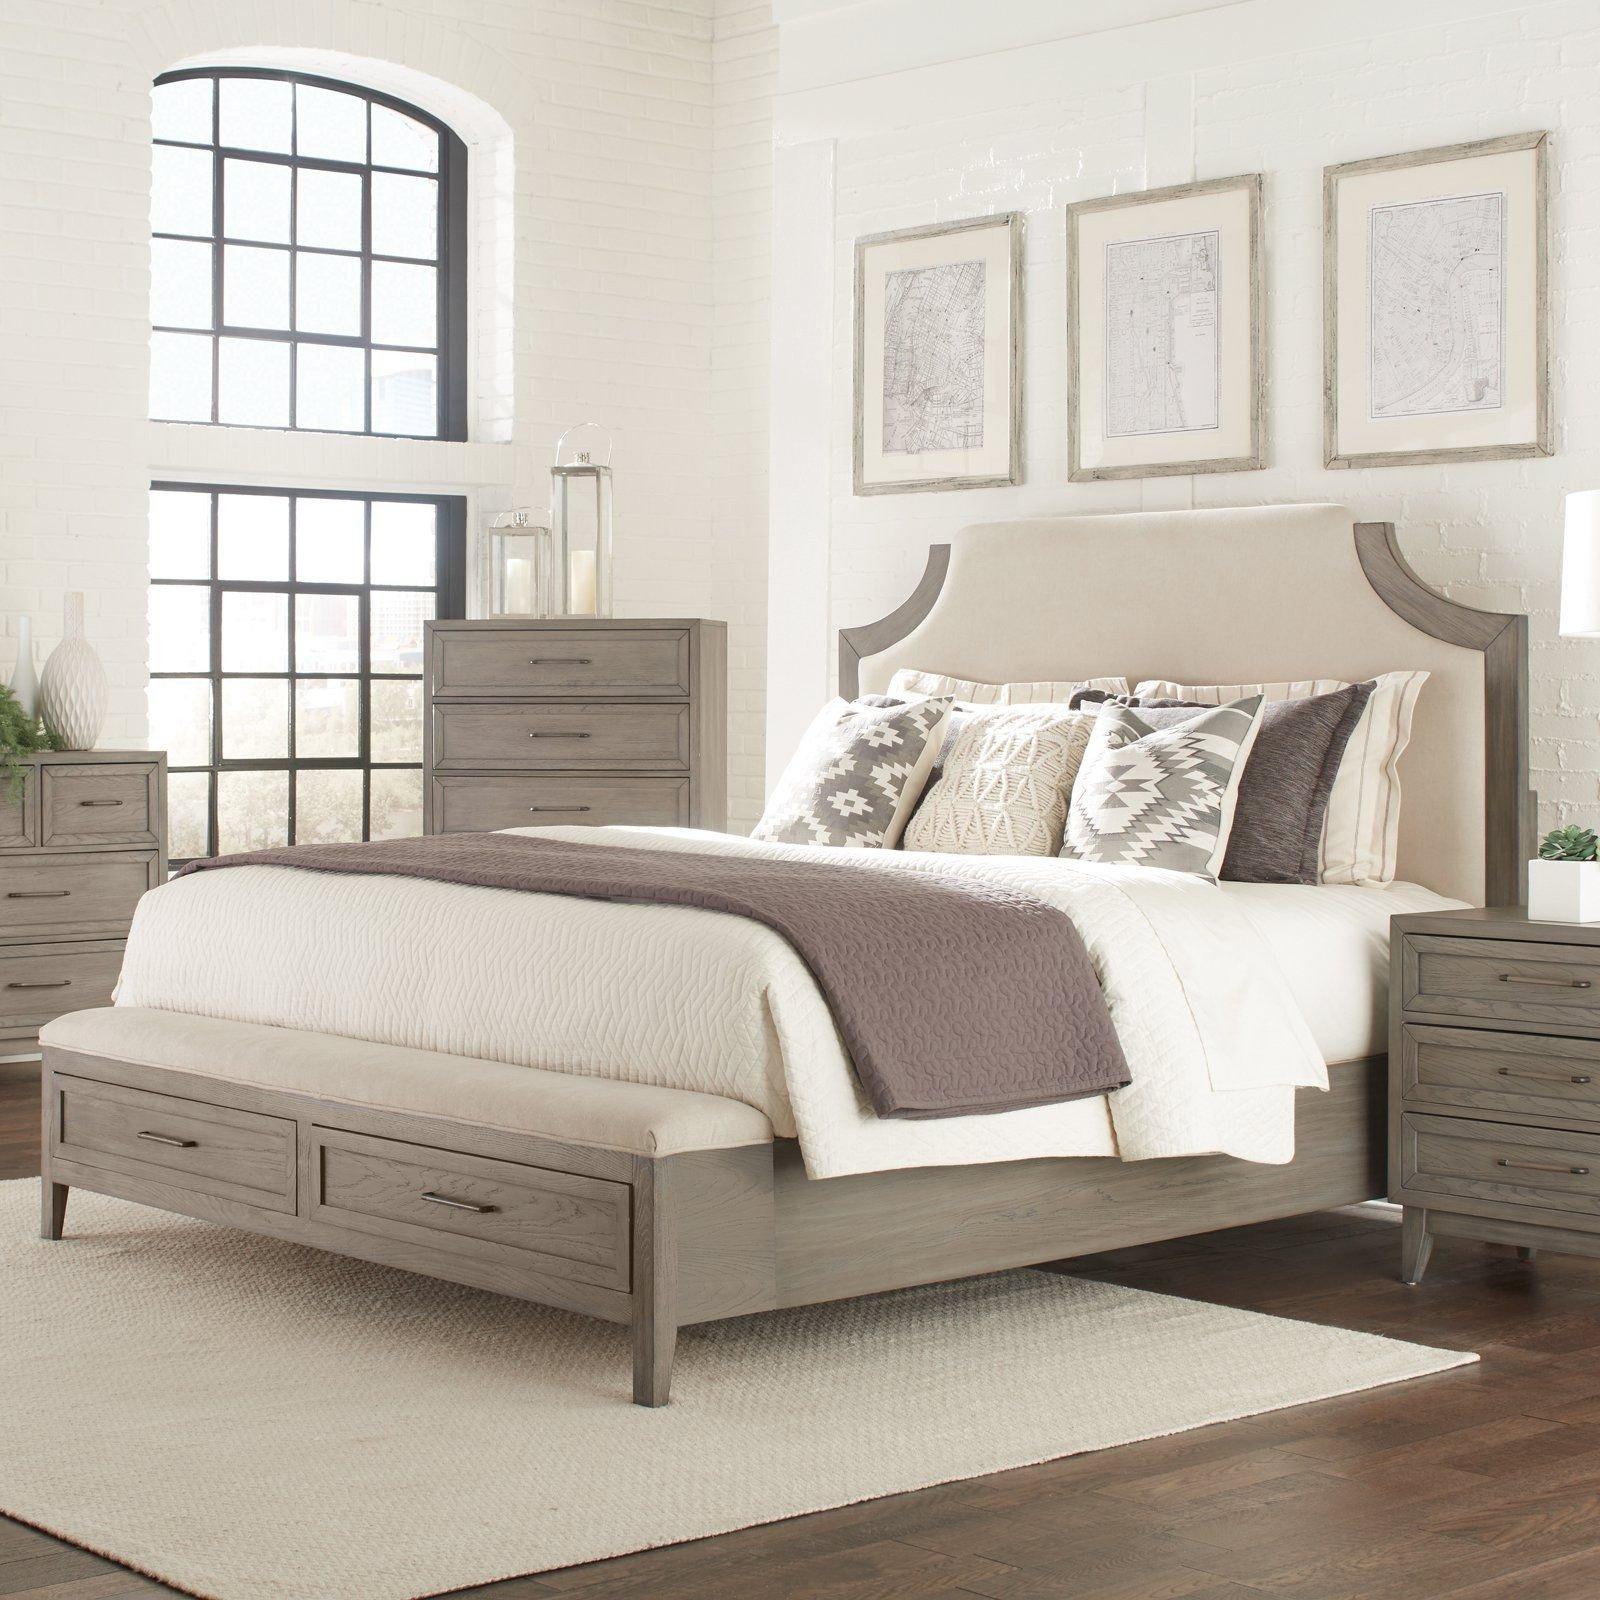 Used King Size Bedroom Set Beautiful Riverside Furniture Vogue Upholstered Storage Bed Size